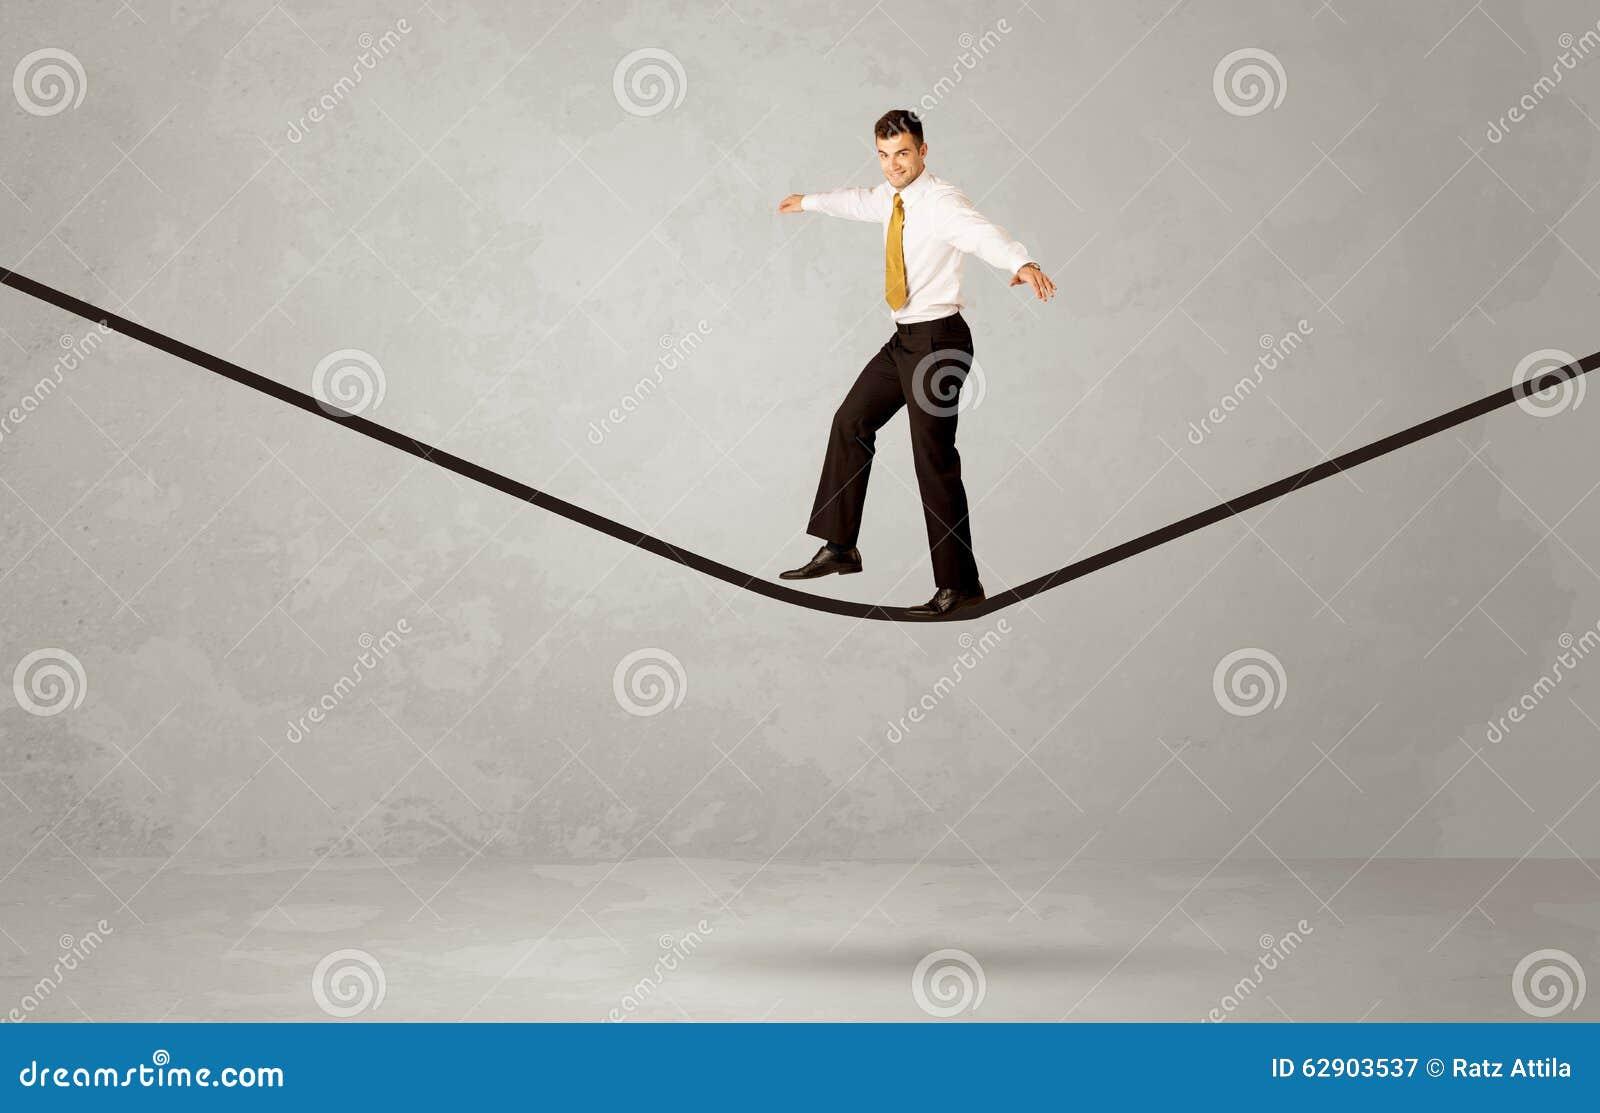 Verkoper die op kabel in grijze ruimte lopen stock foto afbeelding 62903537 - Grijze ruimte ...